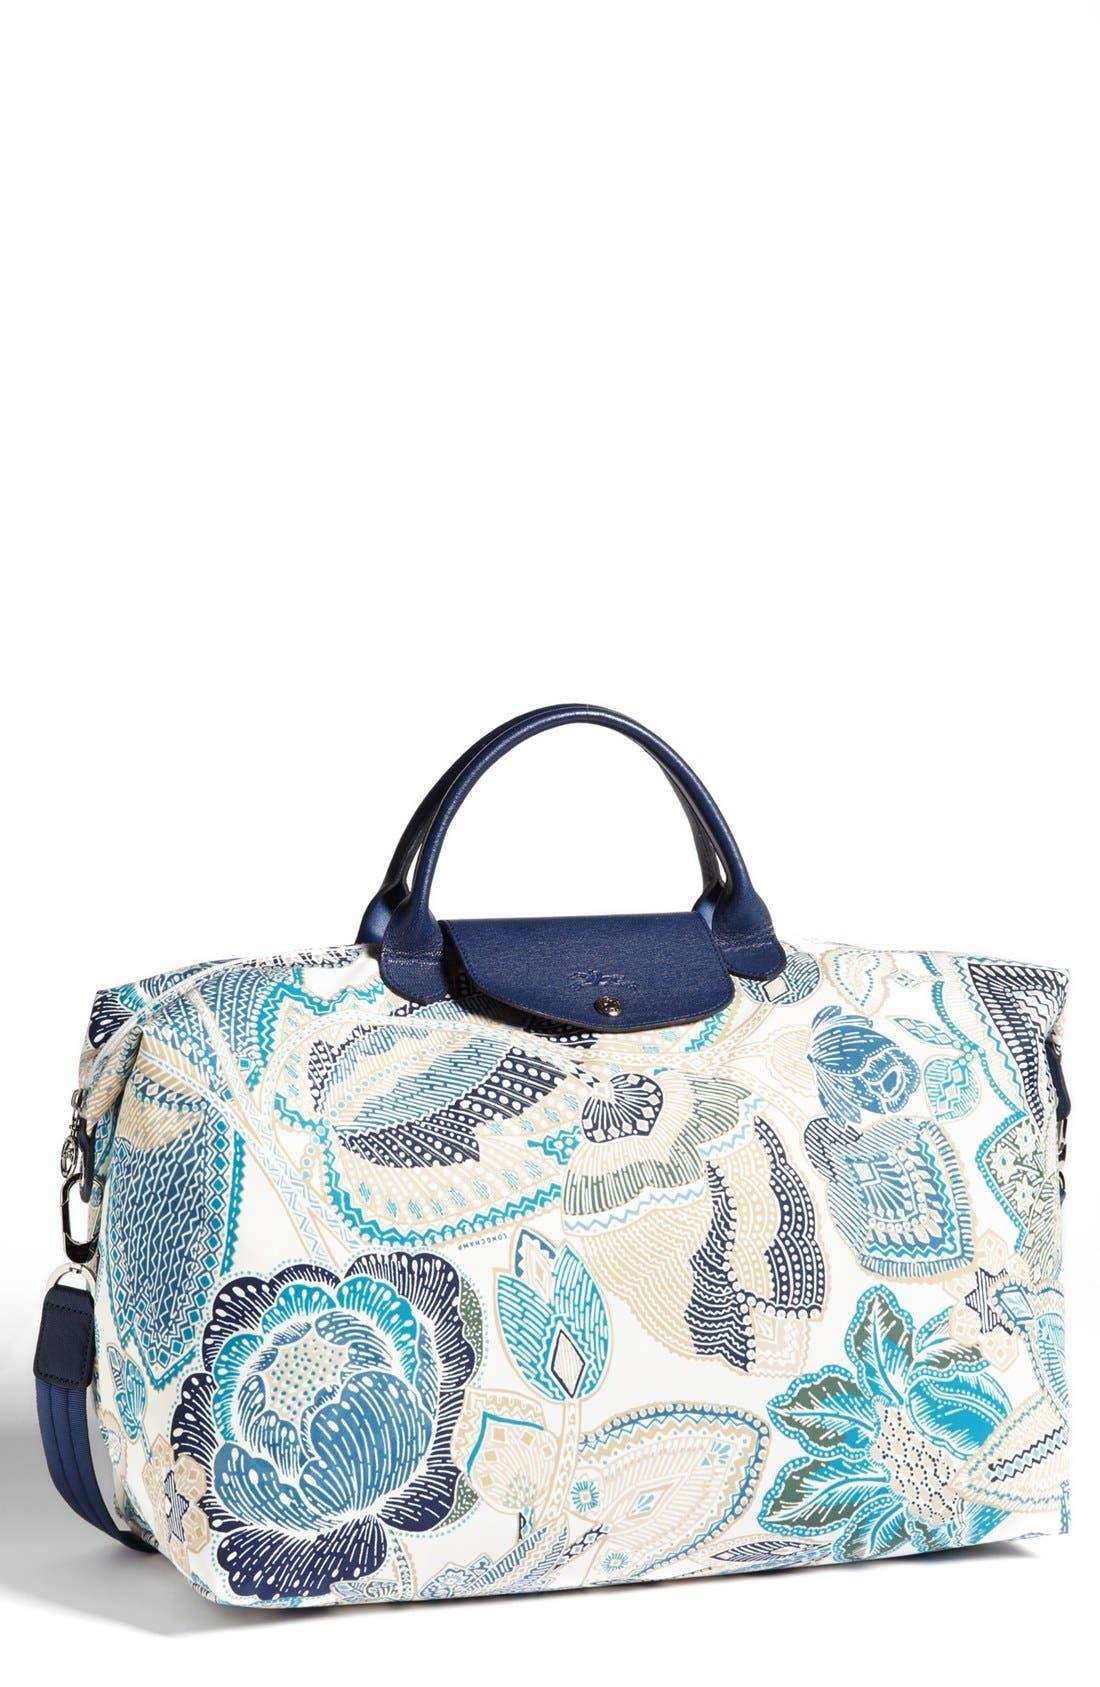 Alternate Image 1 Selected - Longchamp 'Fleurs de Ravello' Travel Bag